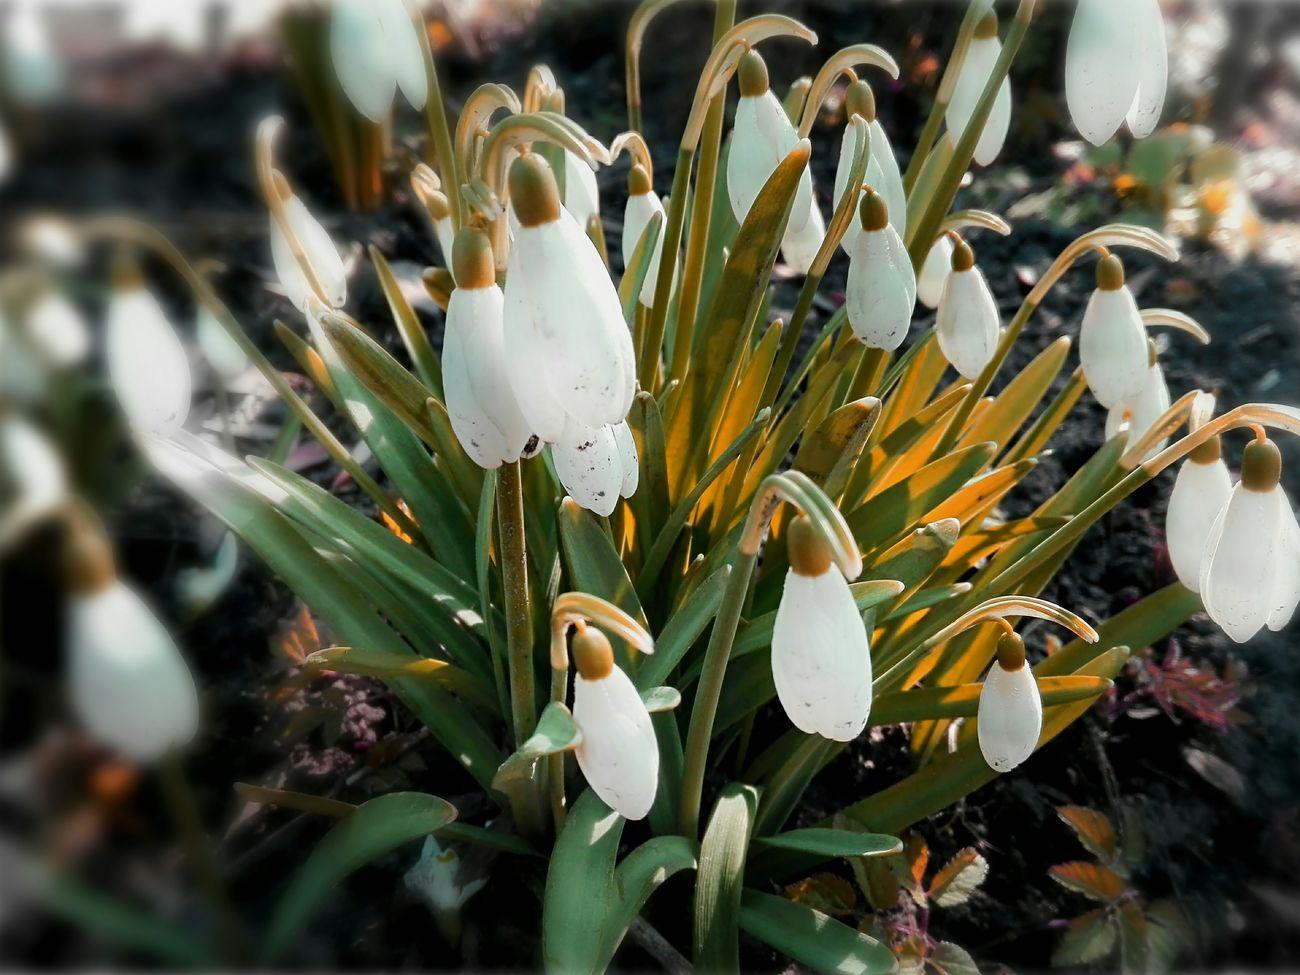 Growth Flower Plant Freshness Beauty In Nature Selective Focus Nature Leaf Day Botany Flower Head Polska Natura Przebiśniegi Wiosna😃 Kwiaty Polska First Eyeem Photo